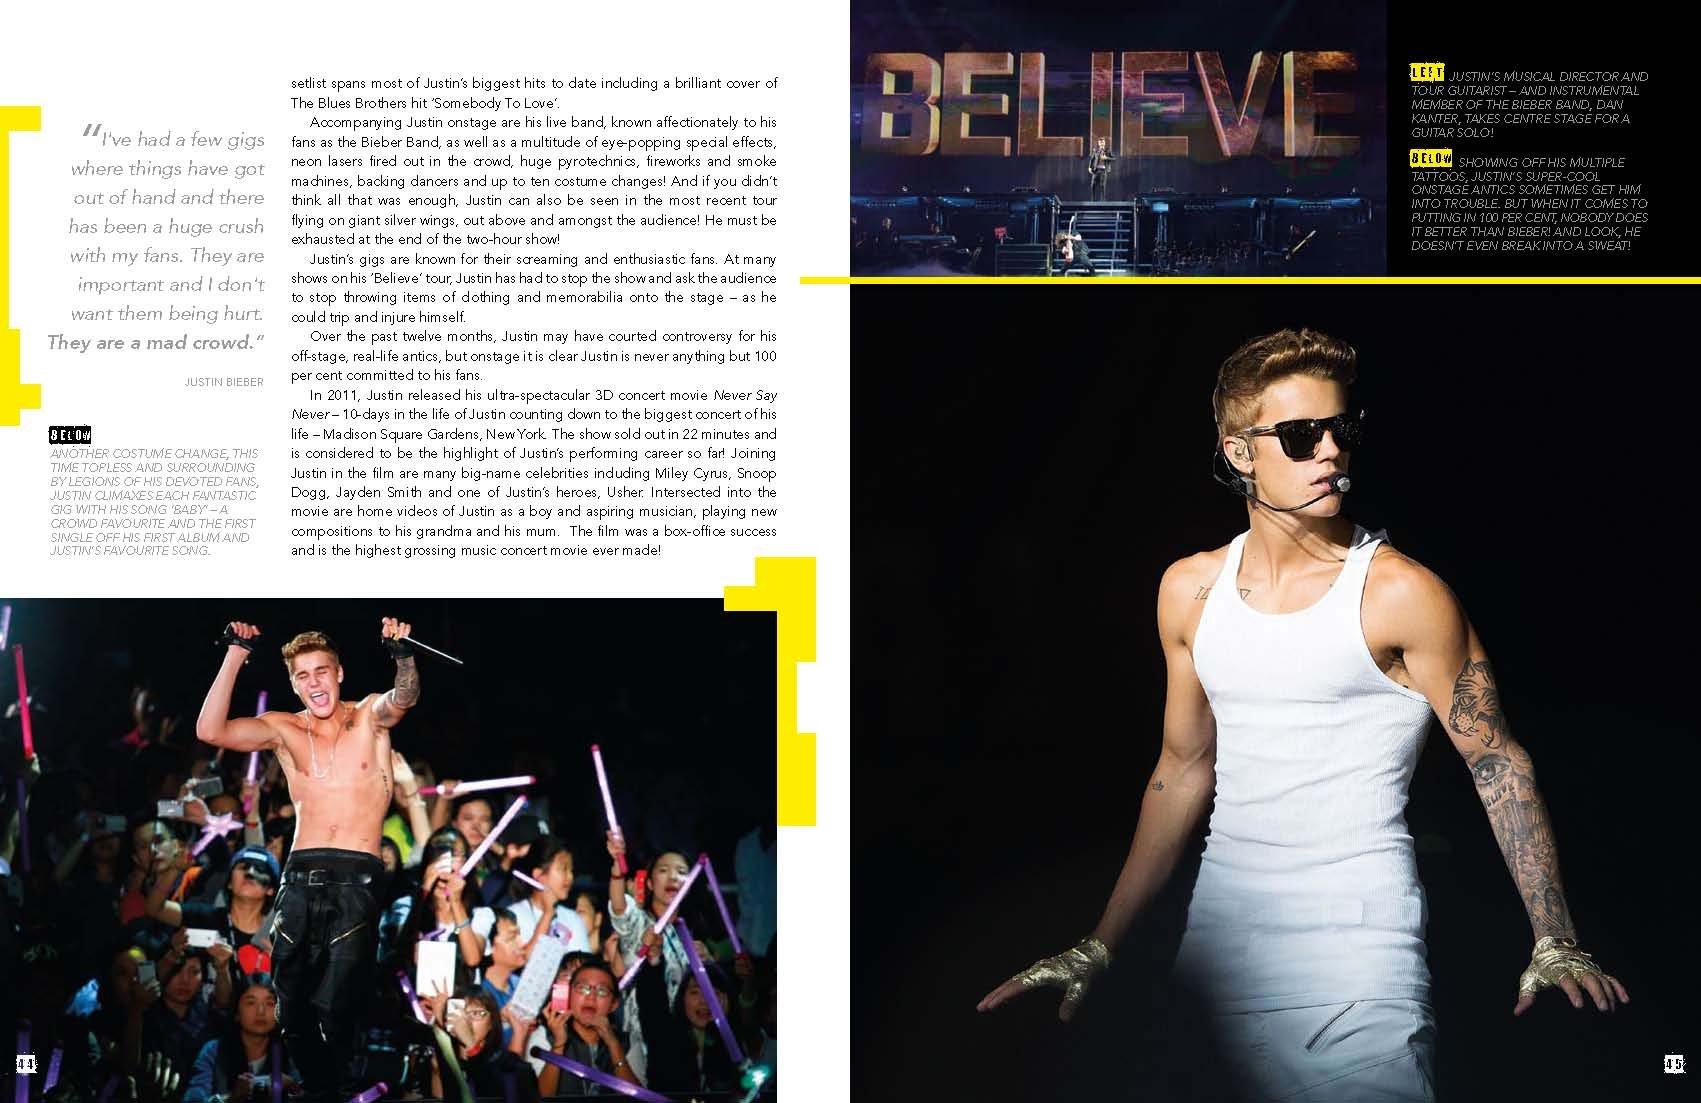 Justine Bieber Confidential : Croft, Malcolm: Amazon.es: Libros